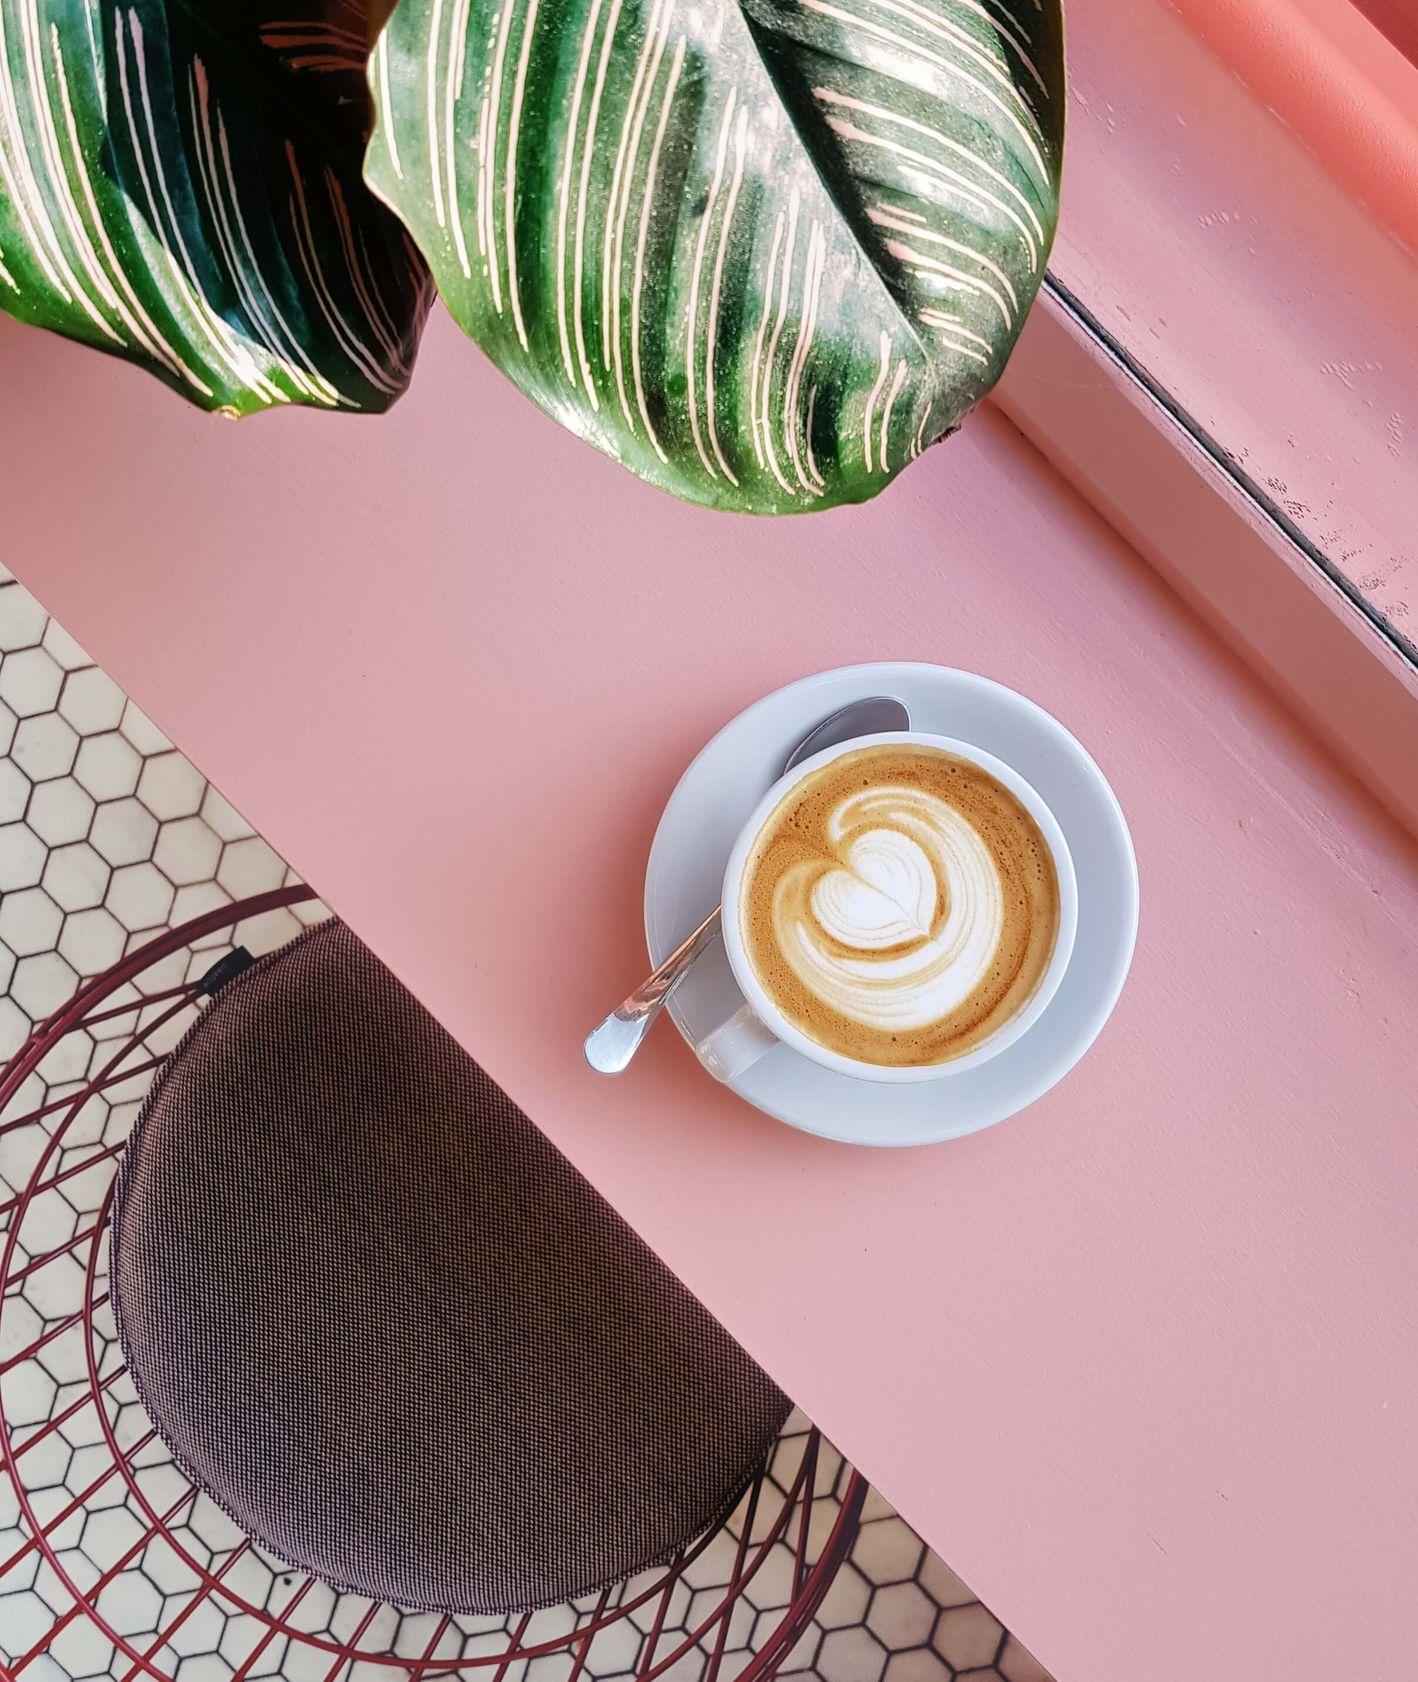 Filiżanka kawy na różowym blacie, liść rośliny (fot. Natanja Grun / unsplash.com)